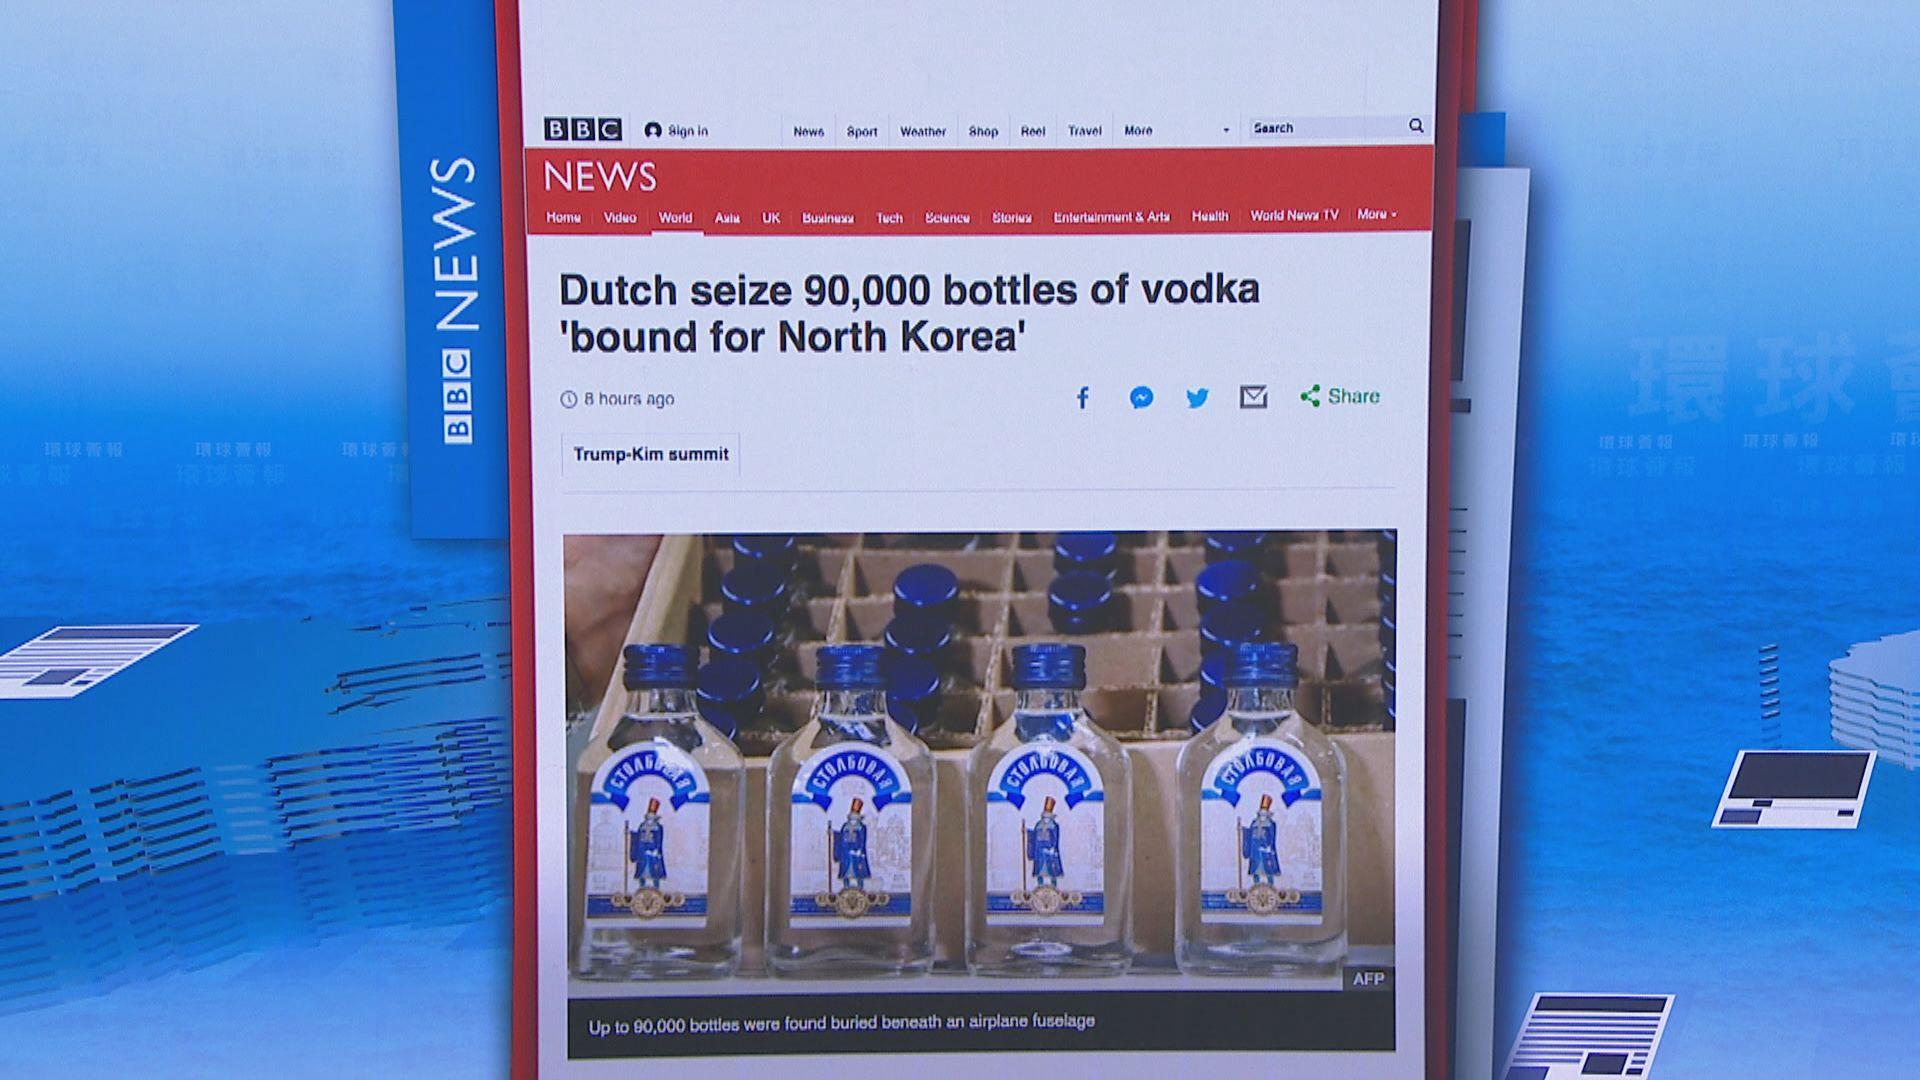 【環球薈報】荷蘭截獲大批伏特加疑運往北韓